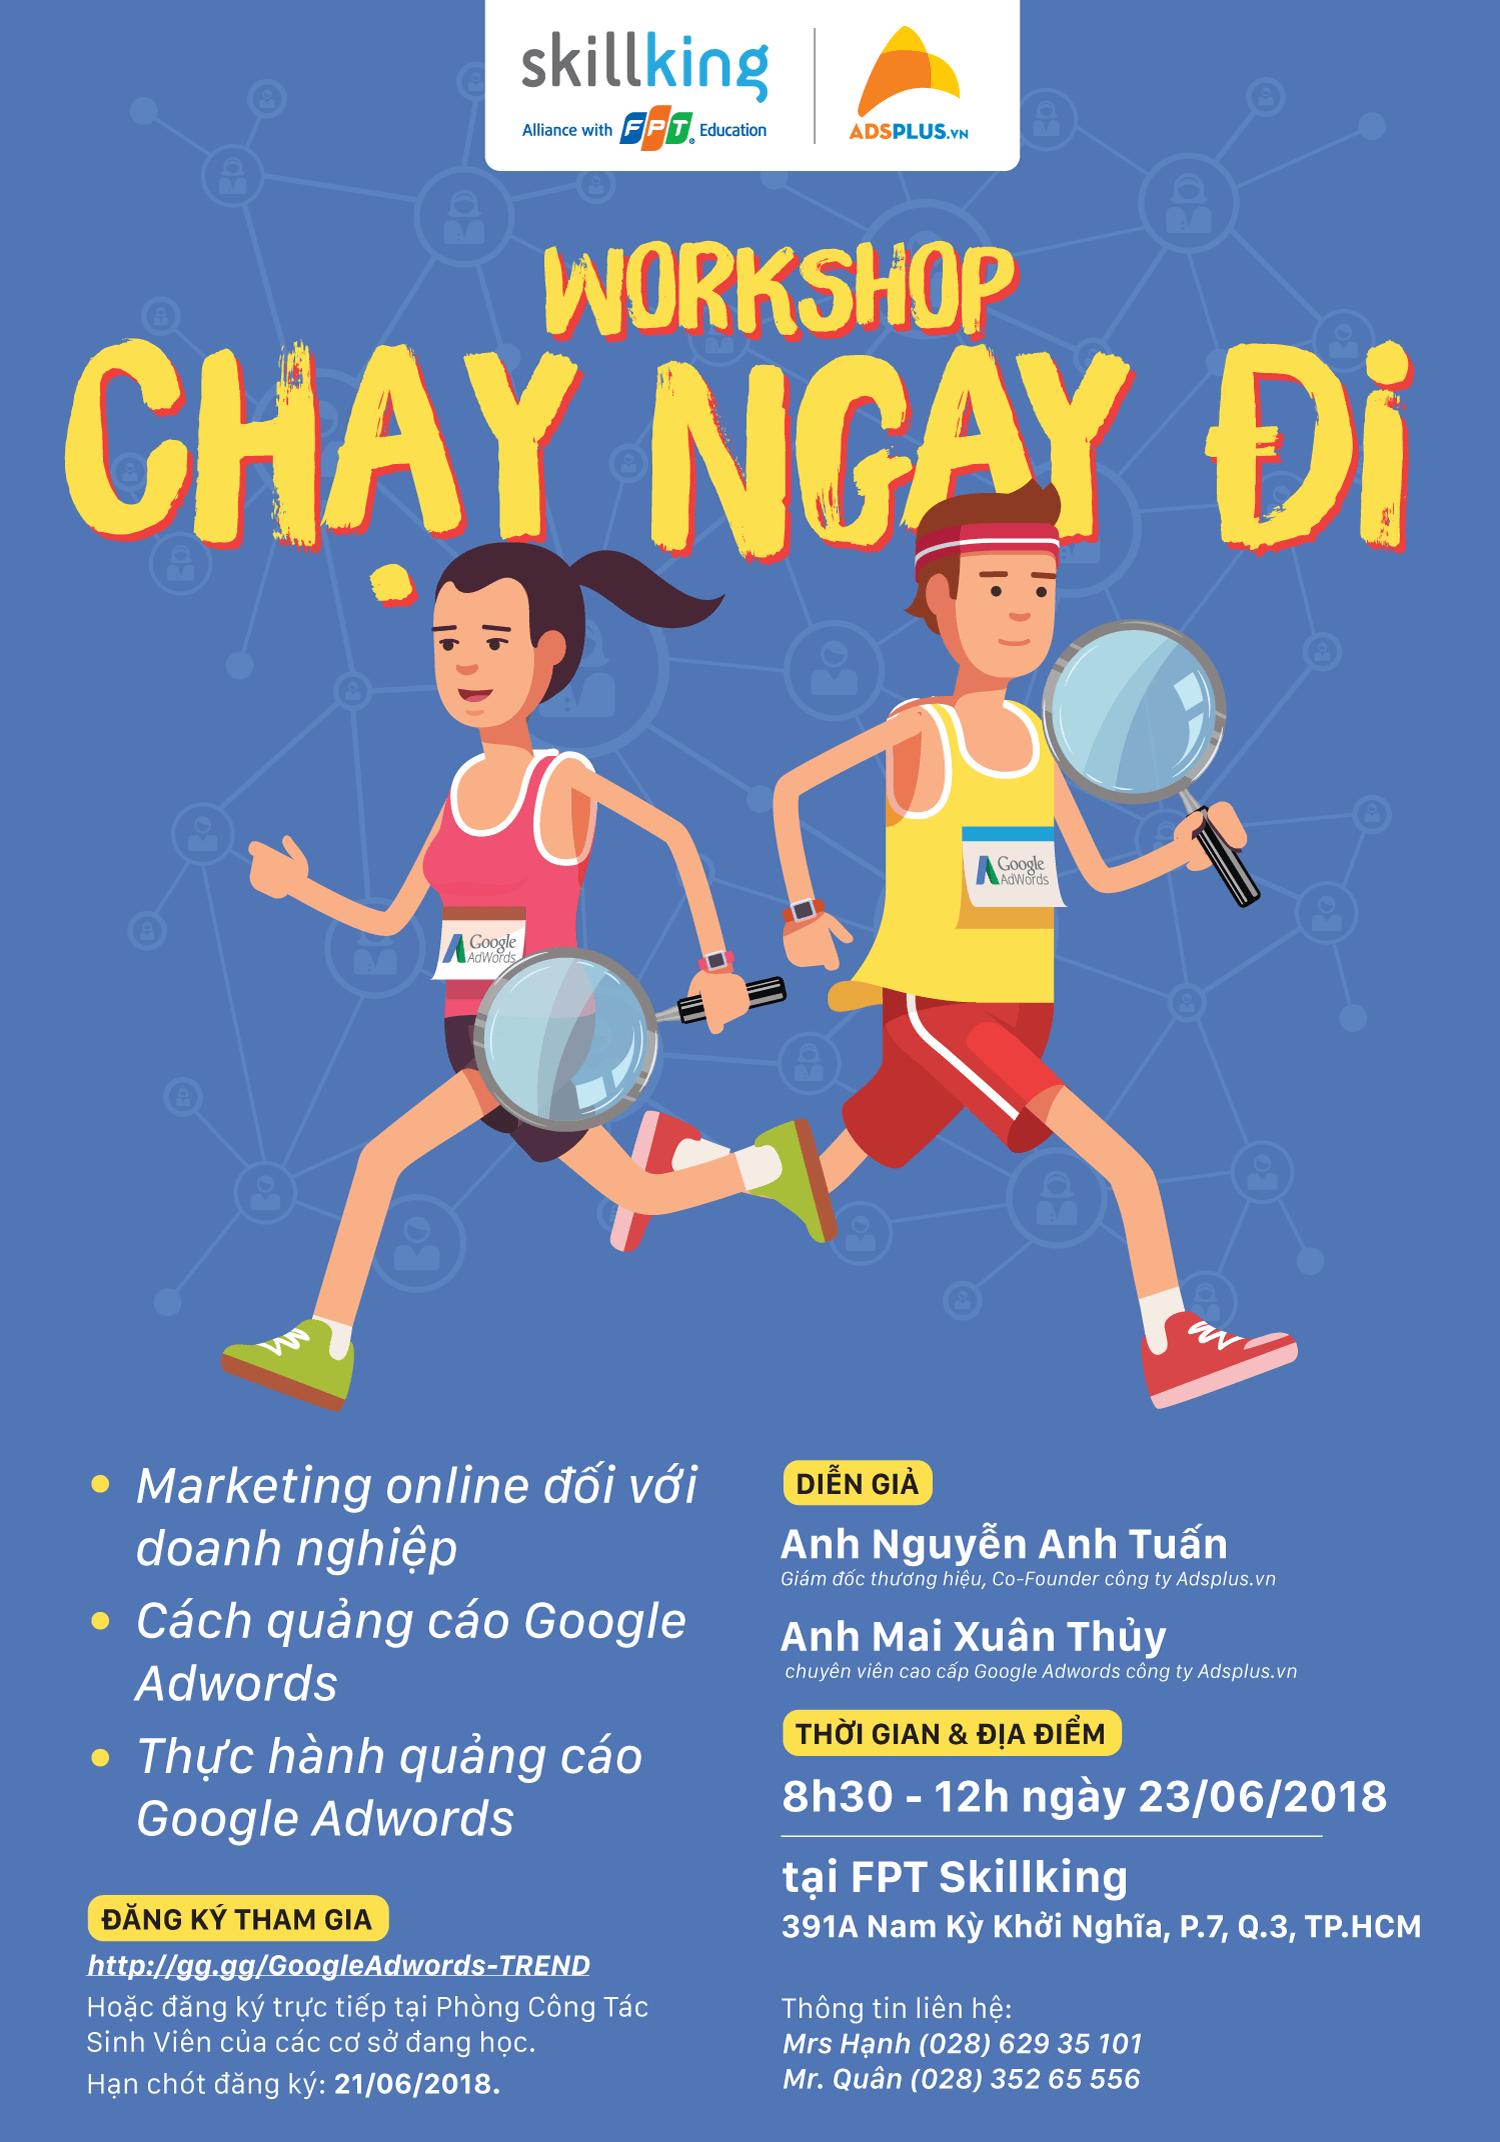 Chayngaydi-workshop-poster2